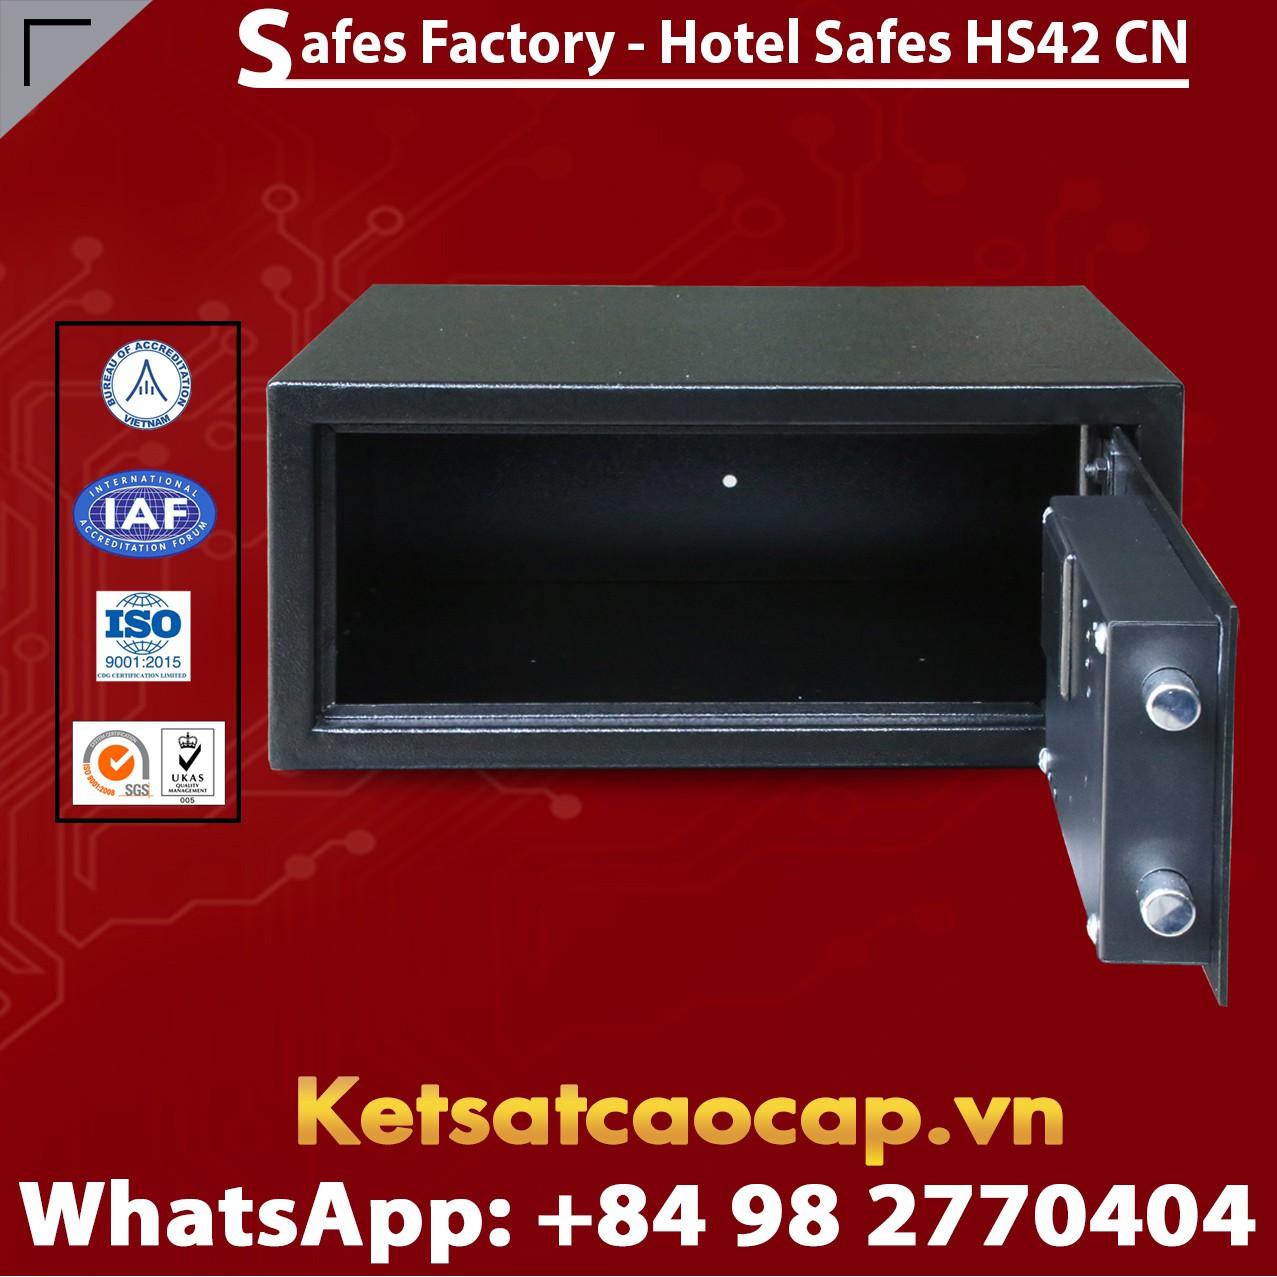 Két Sắt Khách Sạn Hotel Safes WELKO HS42 CN